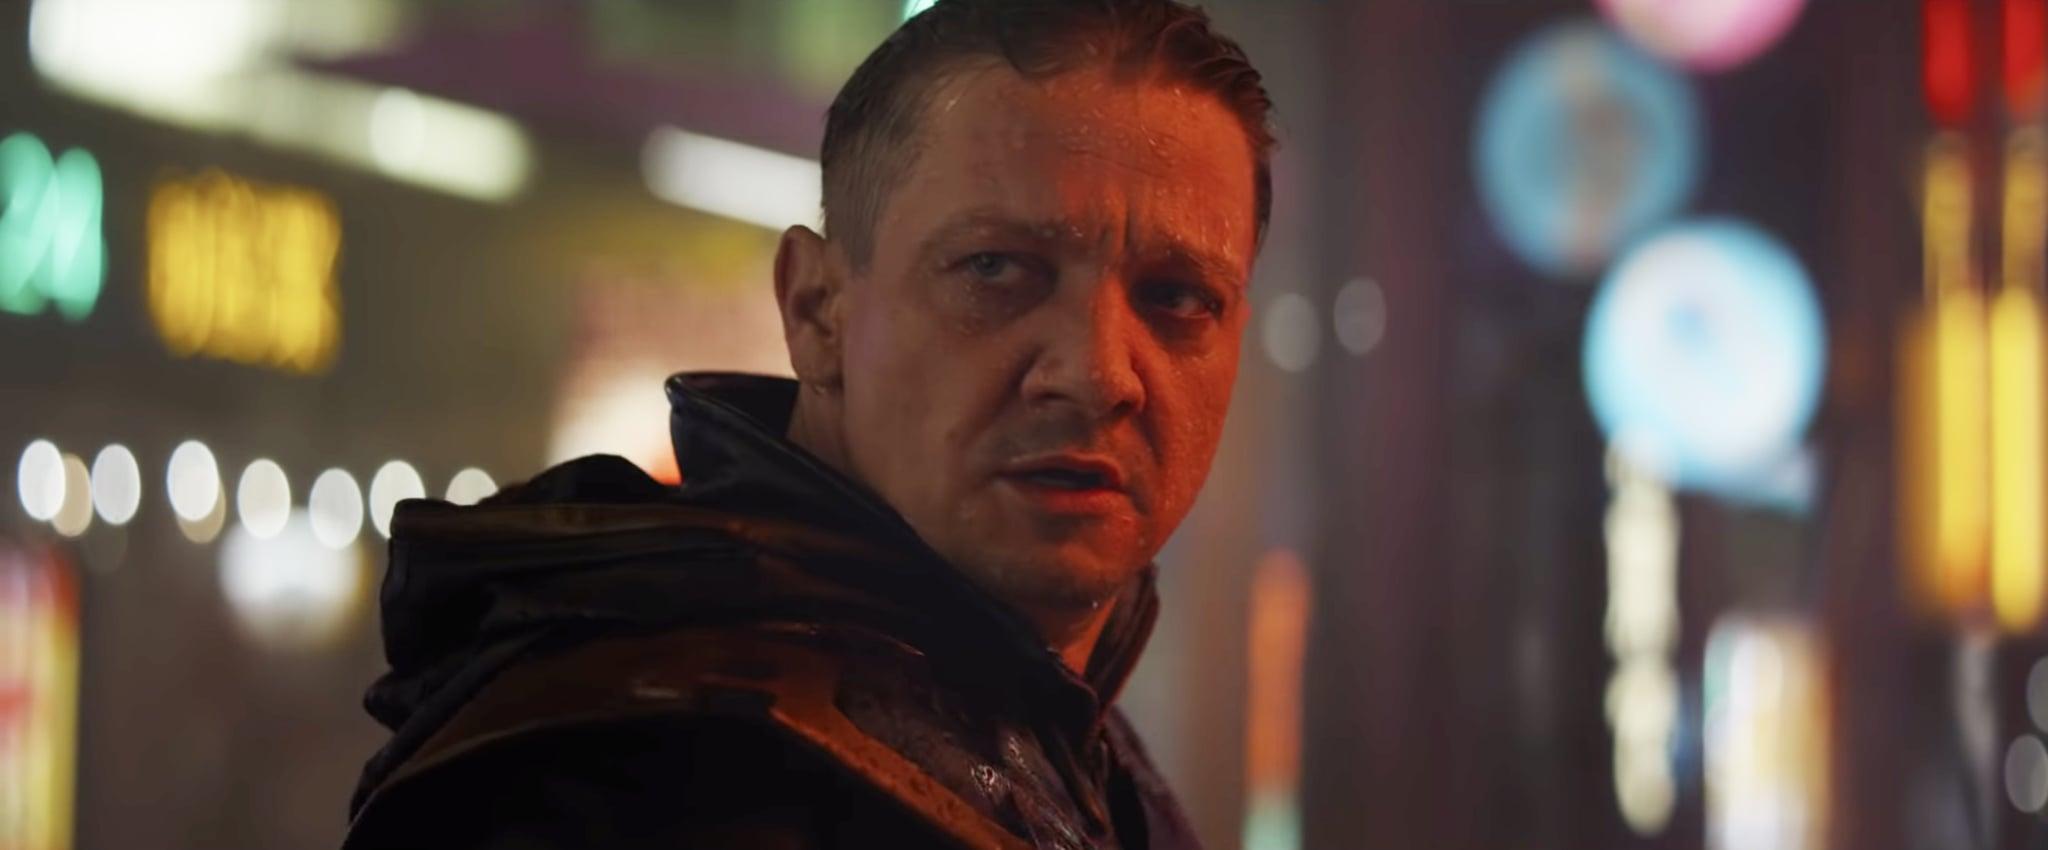 who is ronin in avengers endgame? | popsugar entertainment